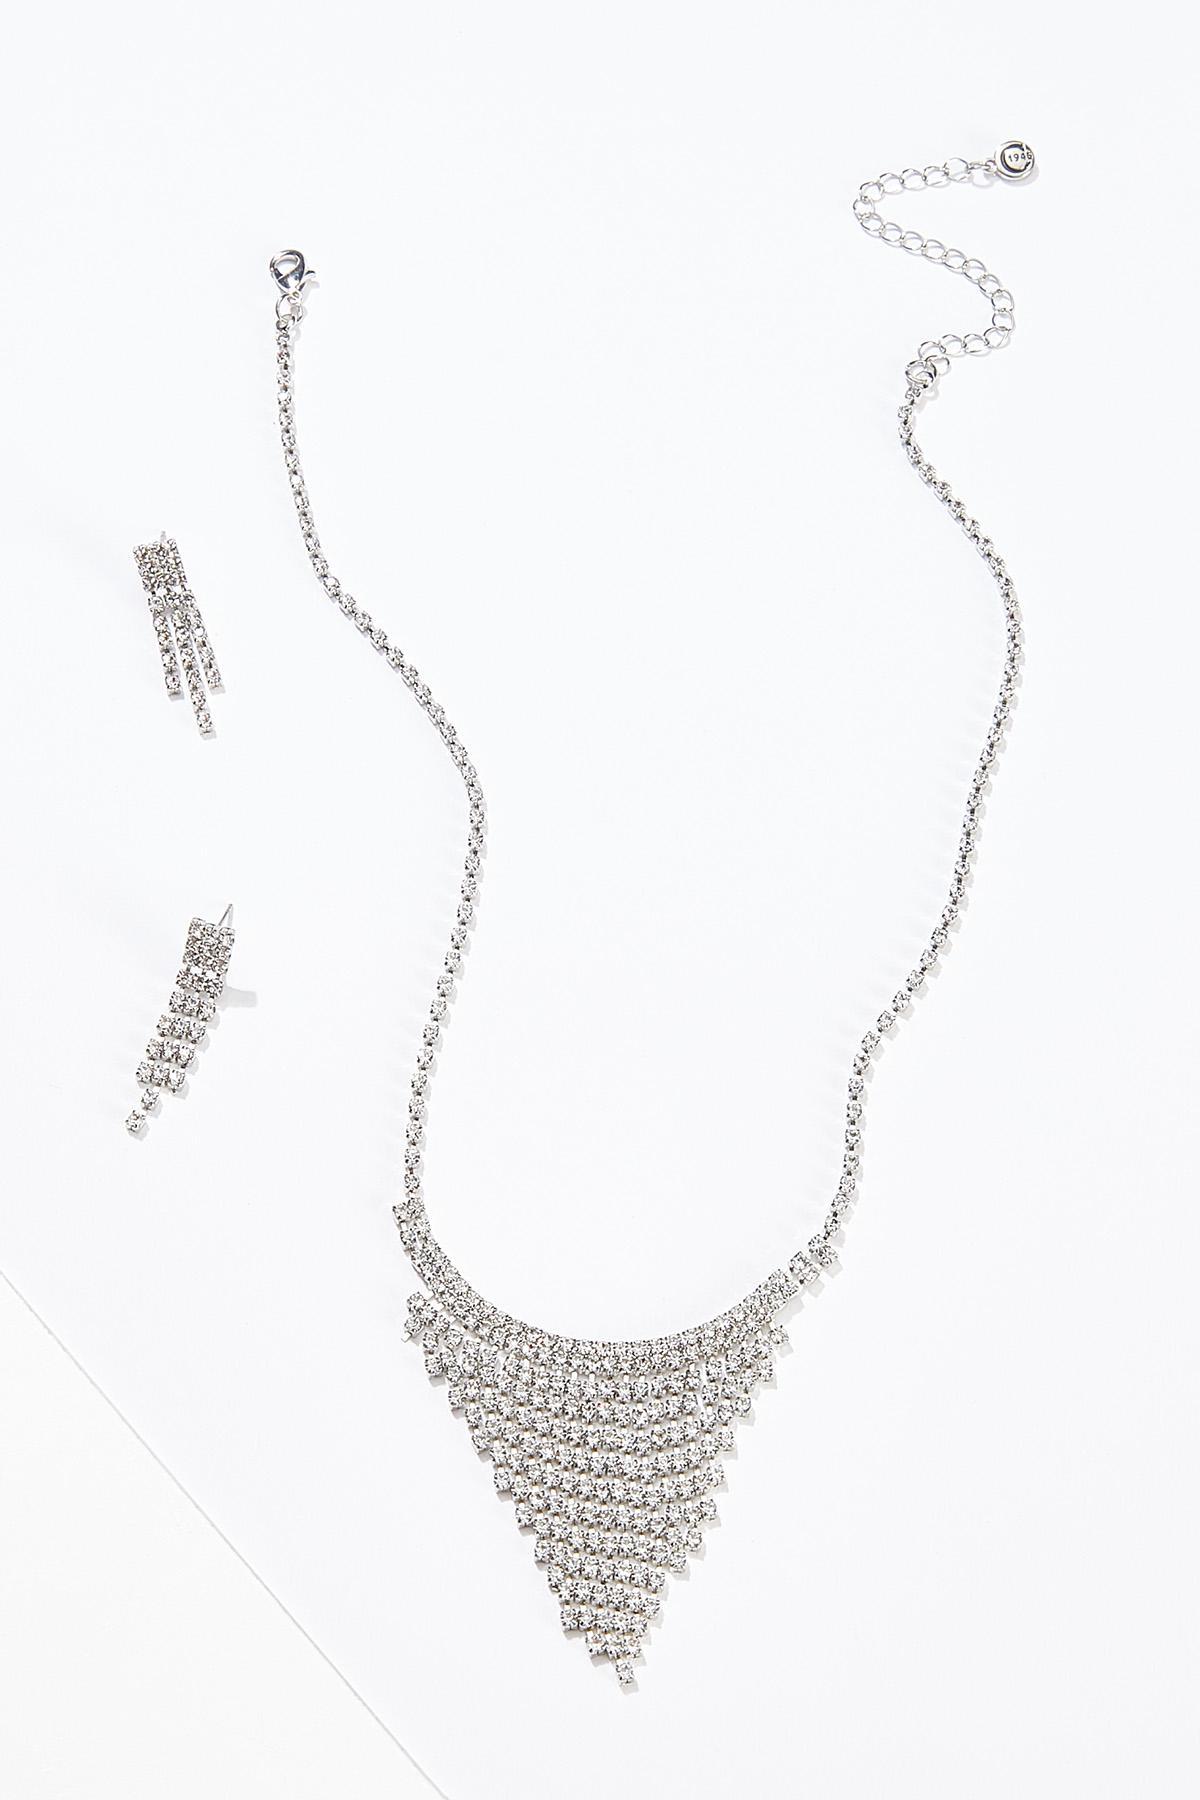 Rhinestone Fringe Necklace Earring Set